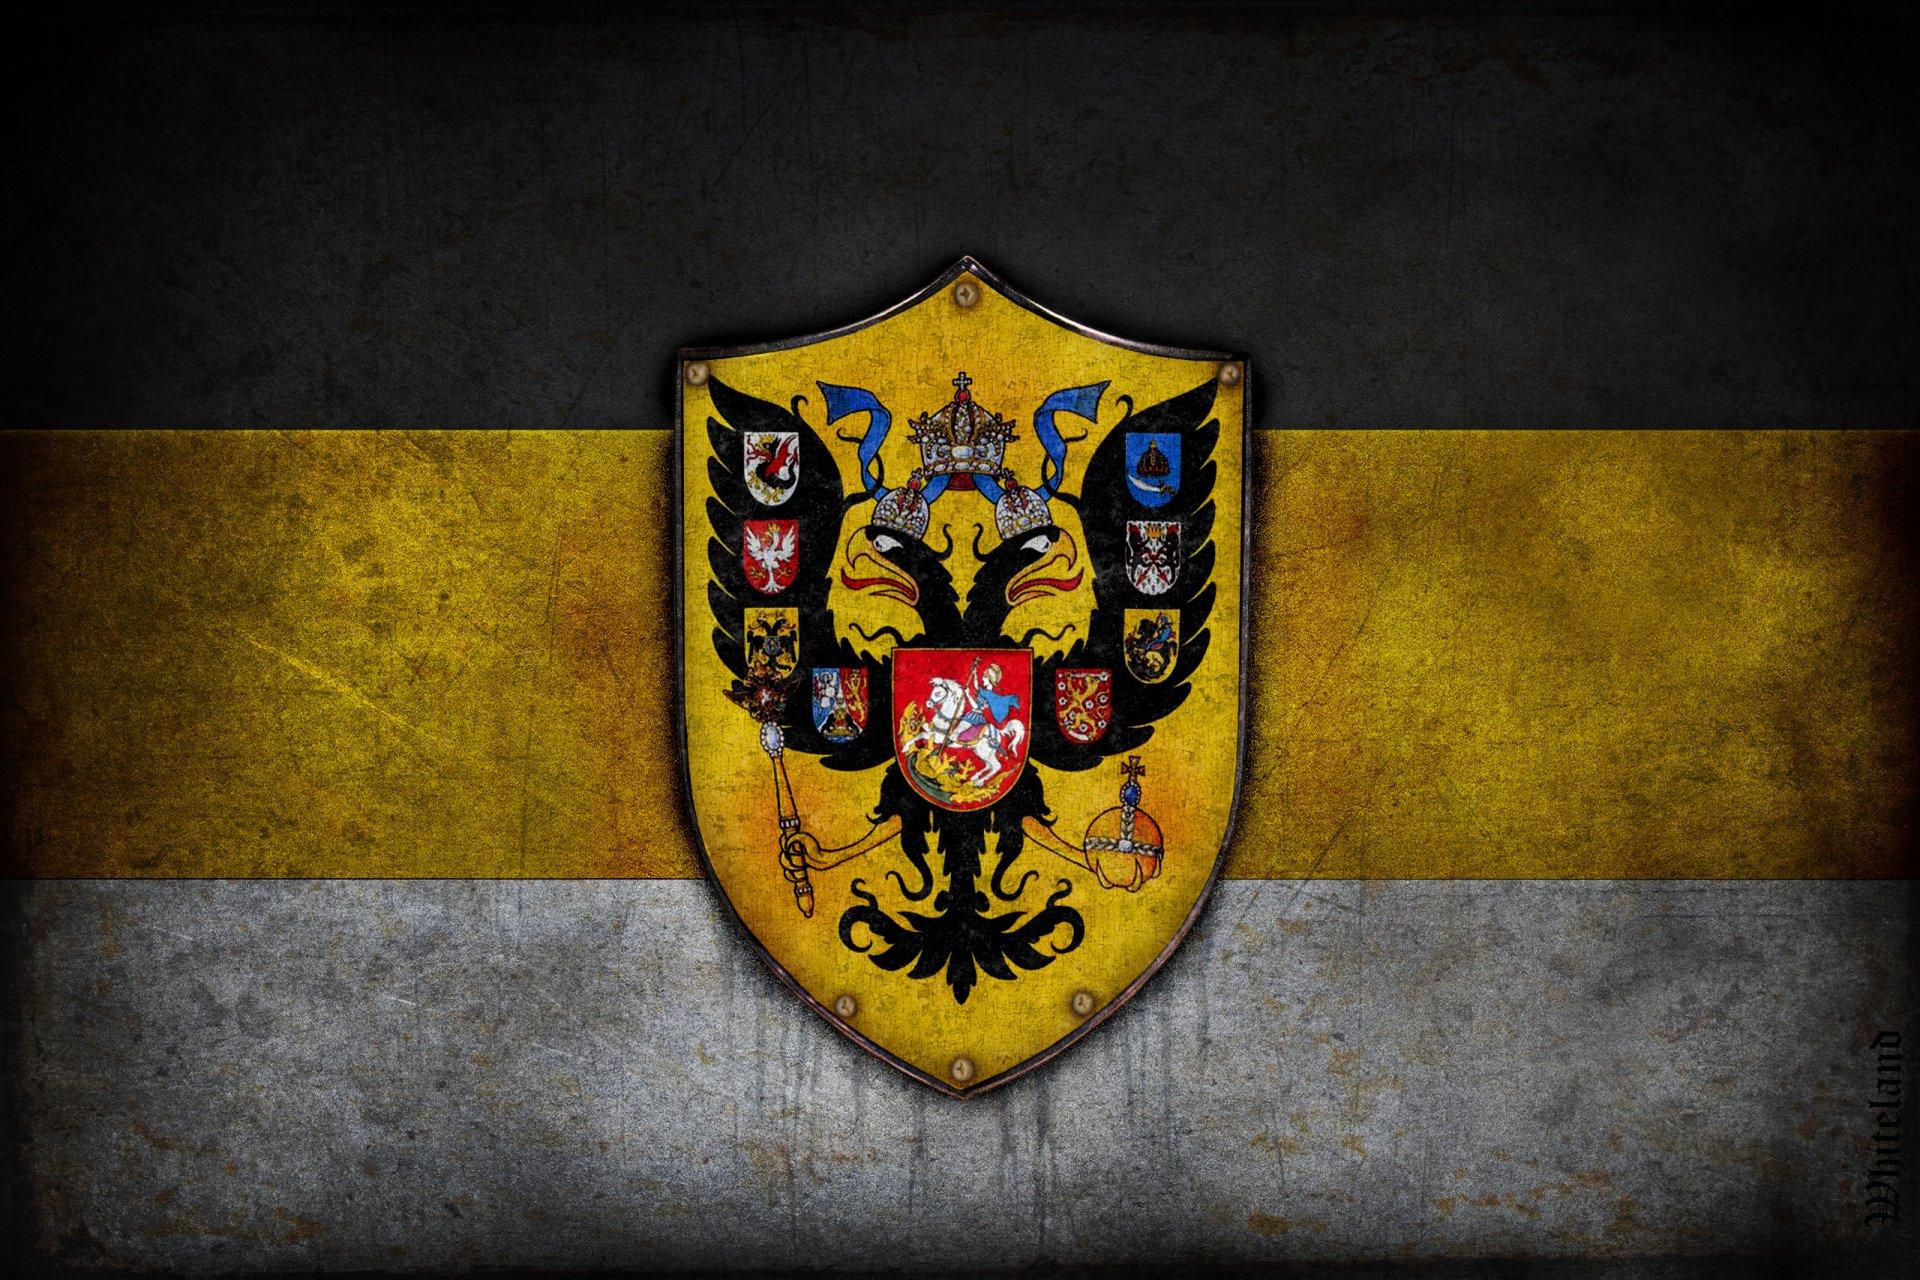 того, картинка герб имперский осетинской национальности имел